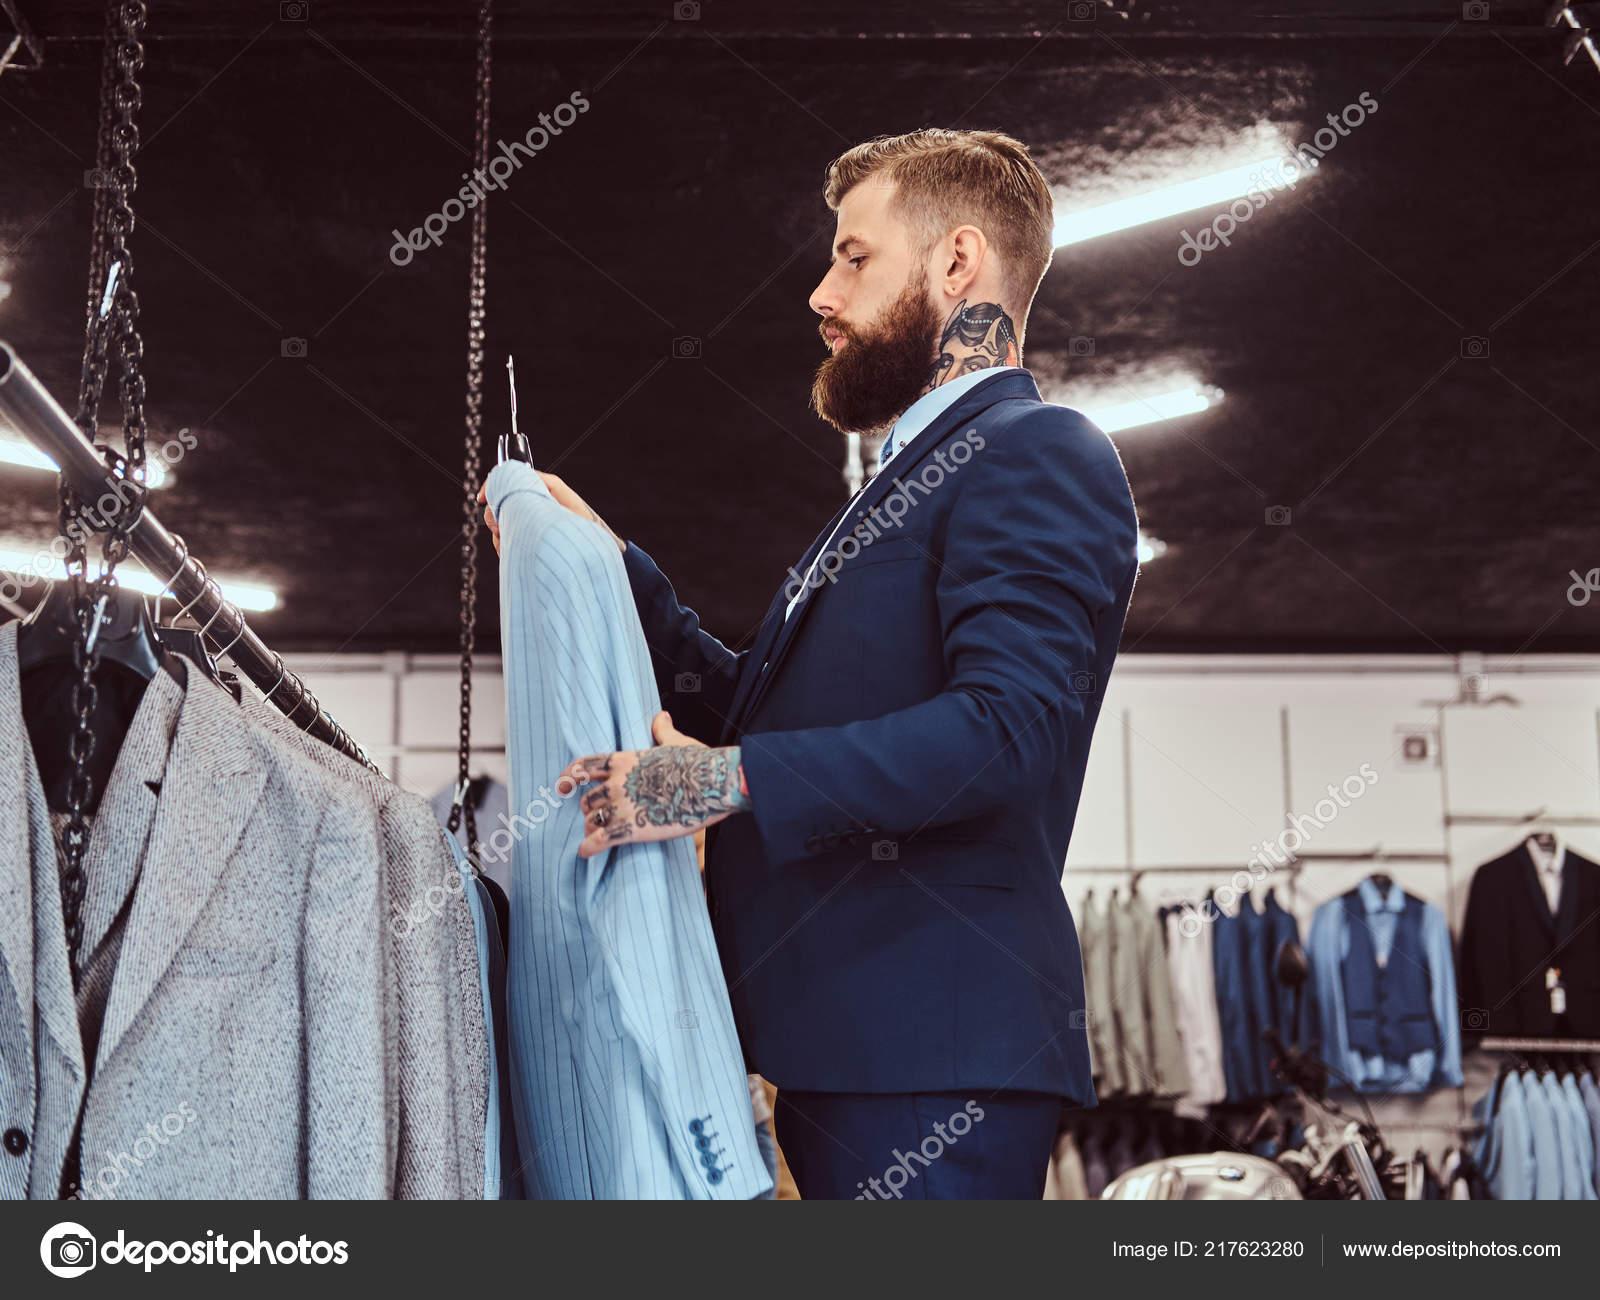 ba246f2ca1 Elegantemente vestito uomo barbuto con tatuaggi sulle mani e collo ...